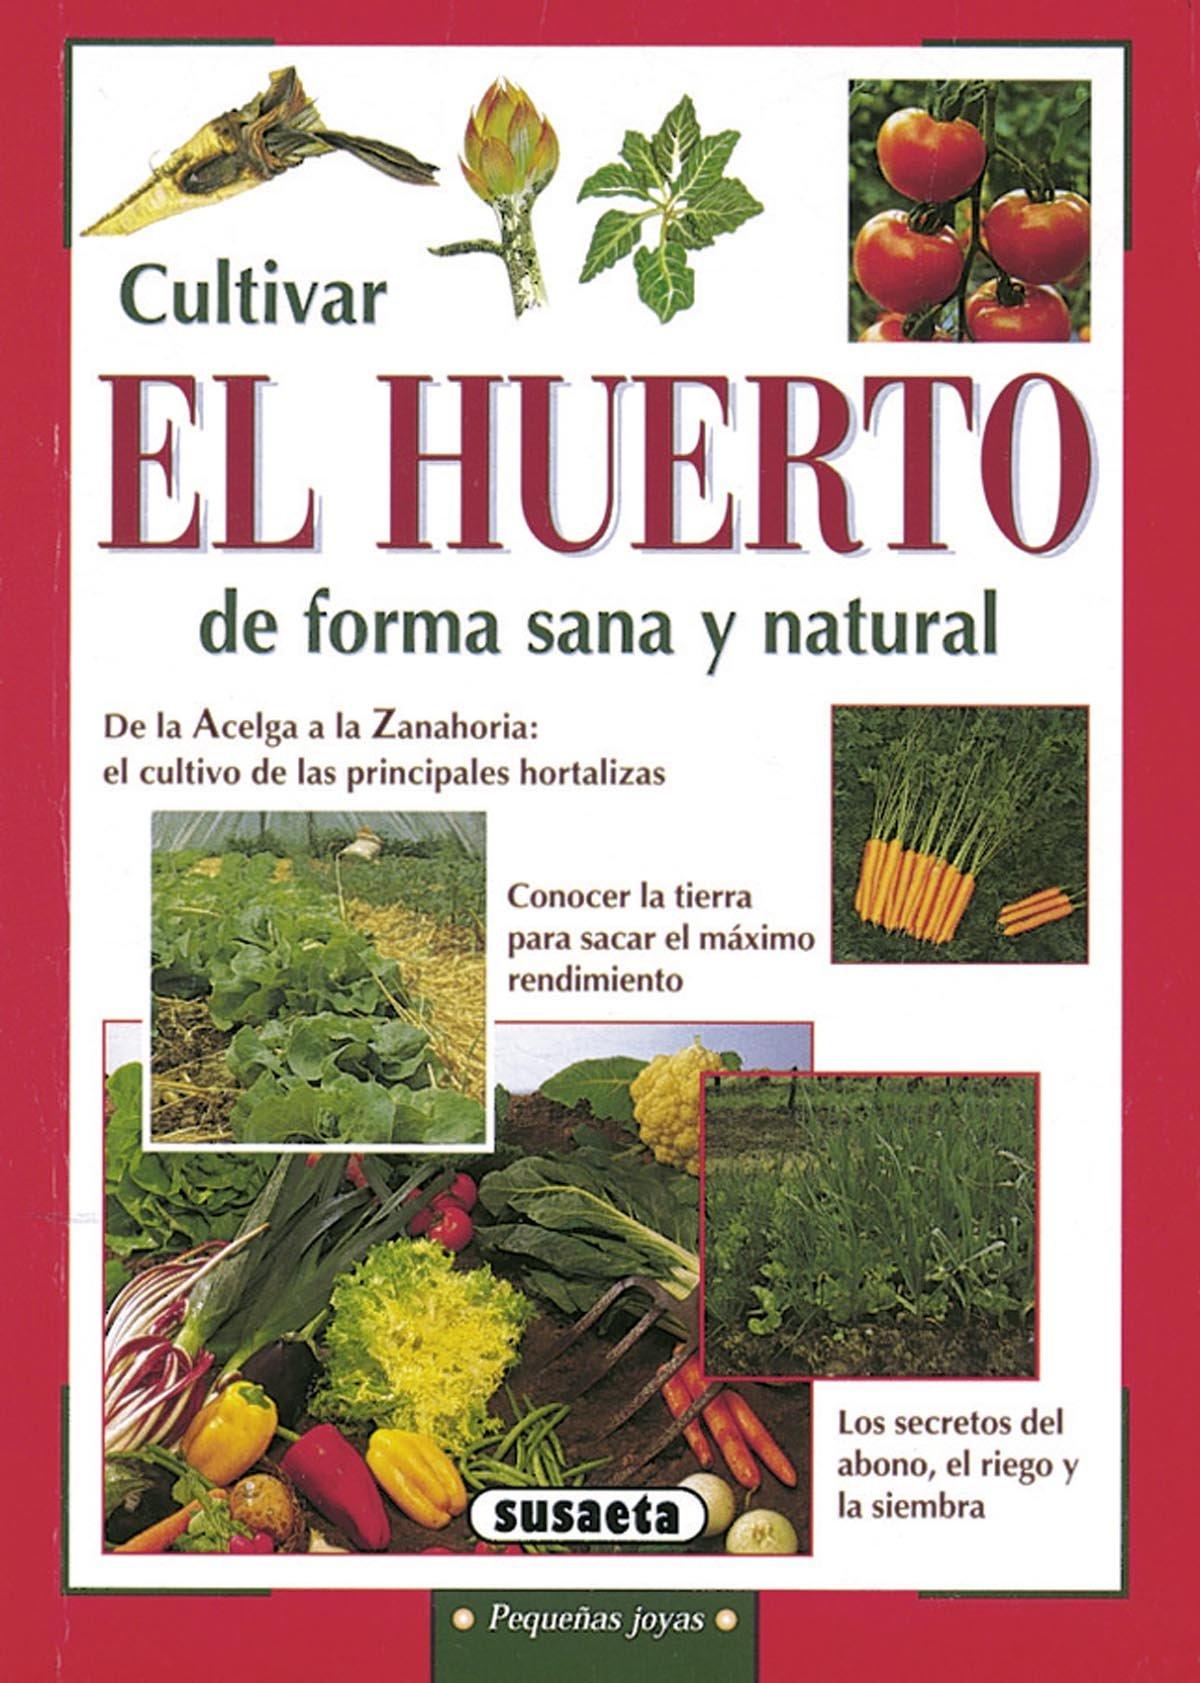 Cultivar el huerto de forma sana y natural de Margherita Neri